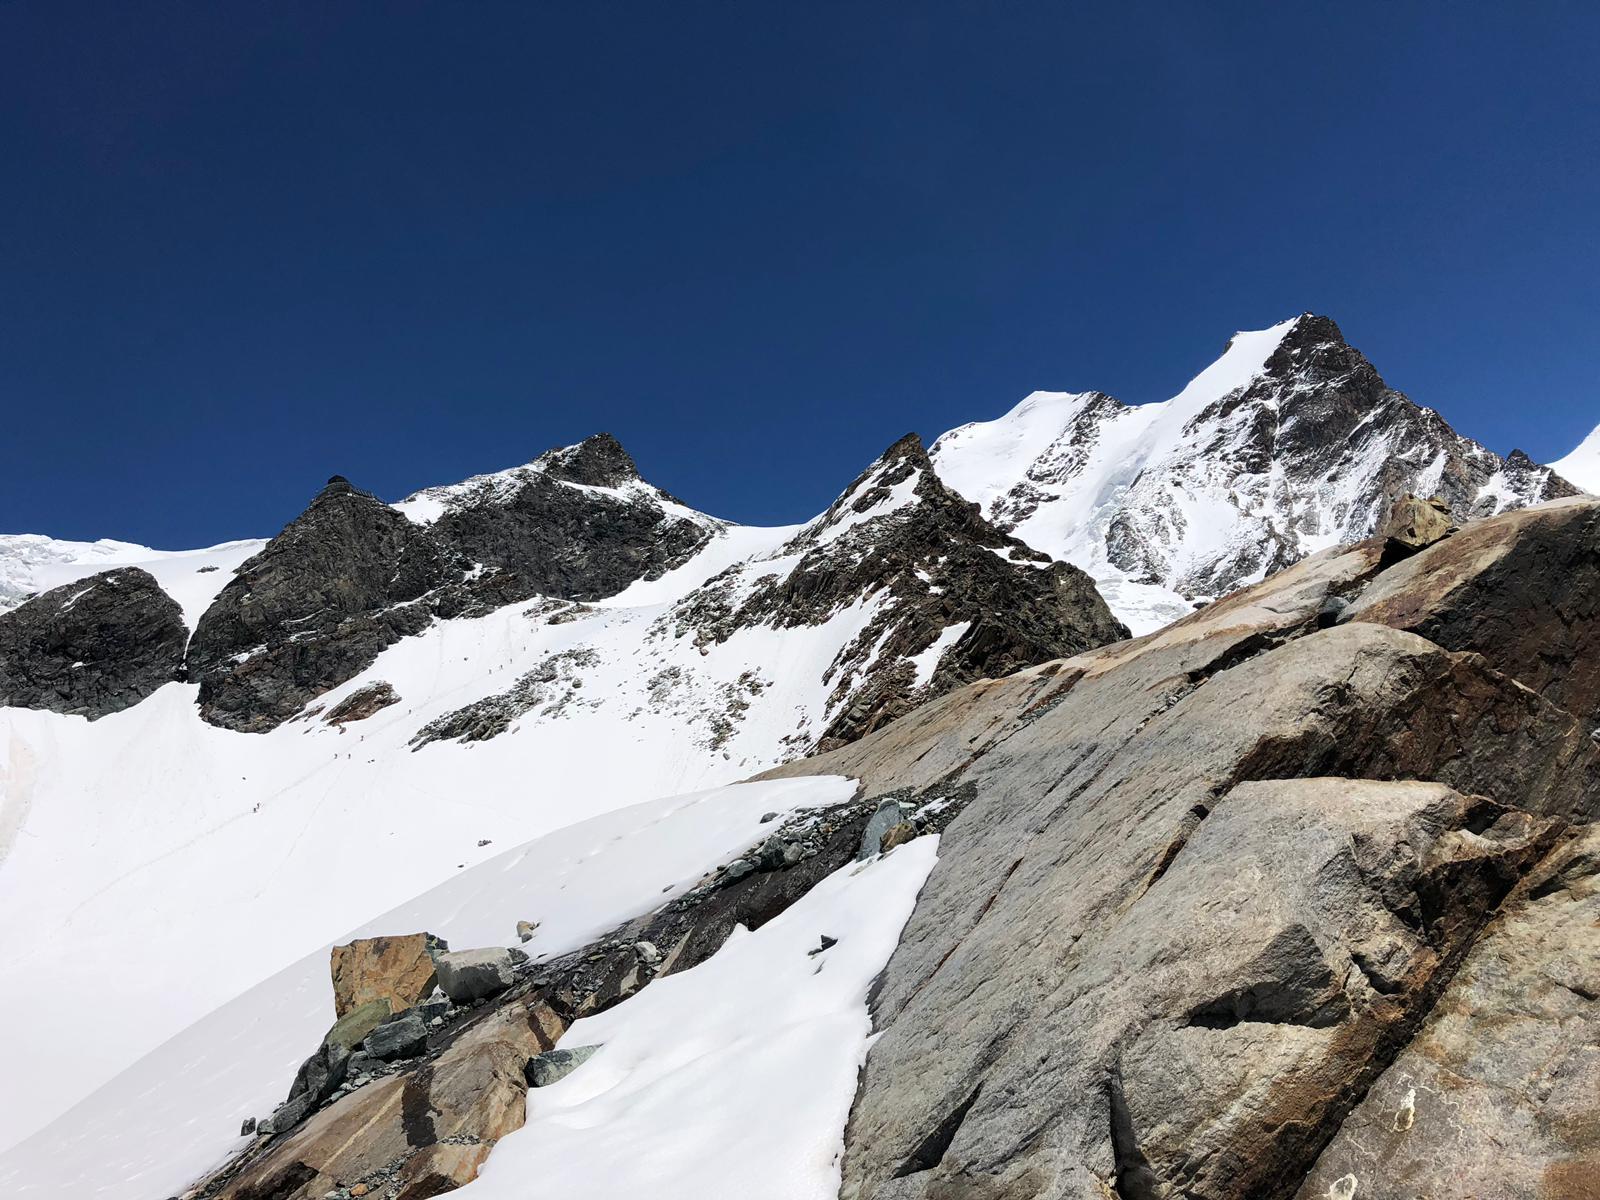 Trekking al Rifugio Mezzalama in Val d'Ayas, ai piedi dei ghiacciai del Monte Rosa